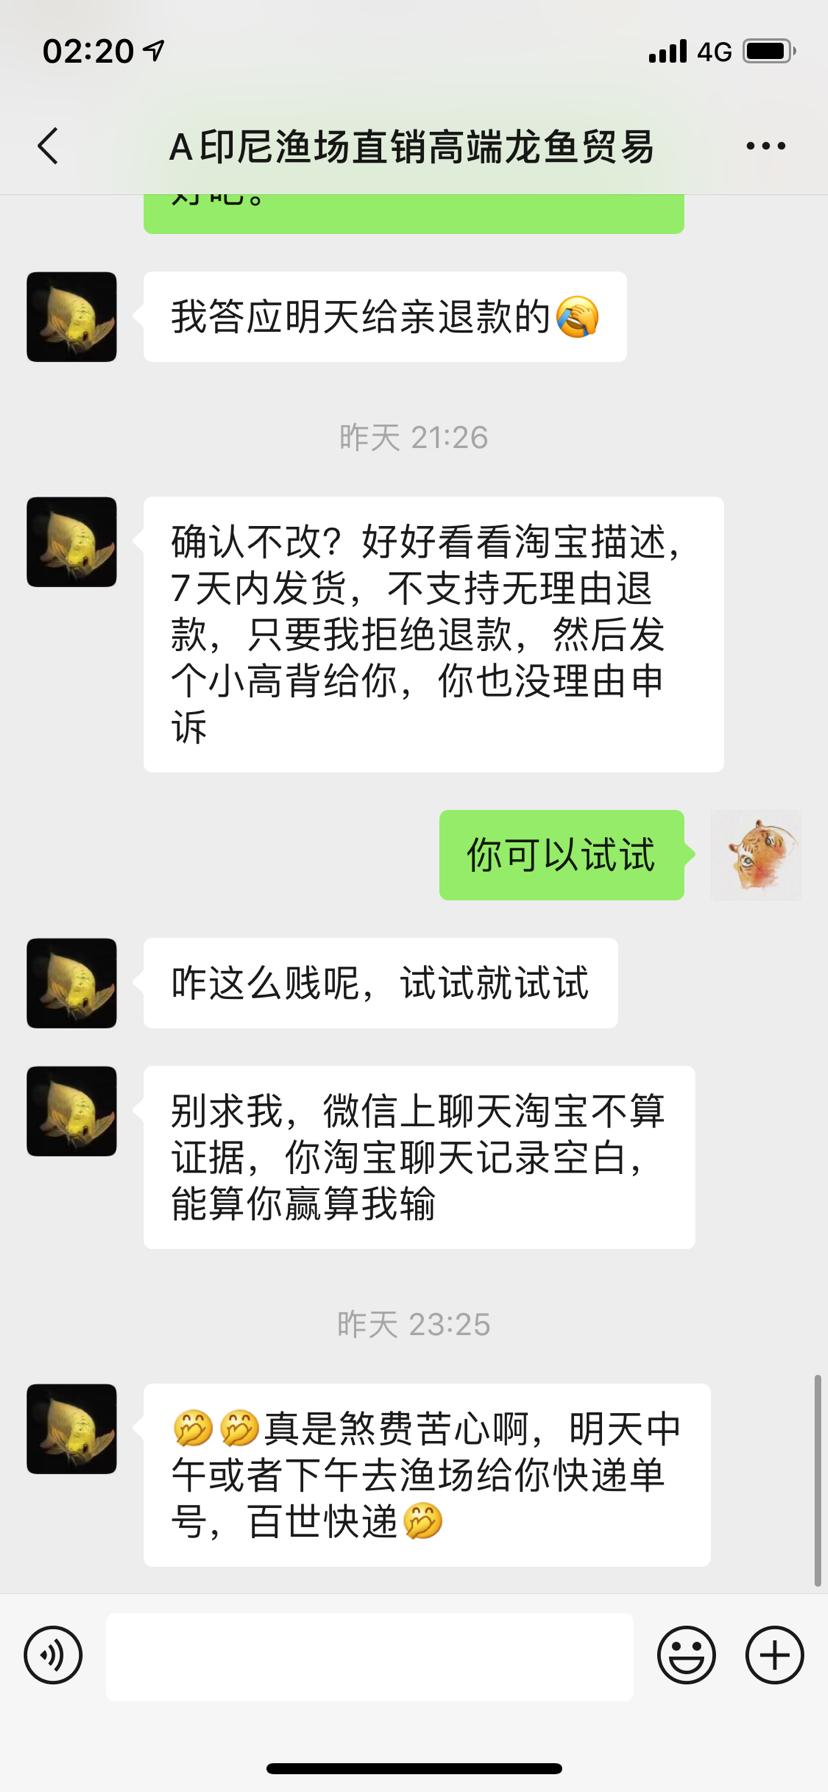 警惕淘宝诈骗鱼商印尼轩戈中高端渔场 北京观赏鱼 北京龙鱼第5张